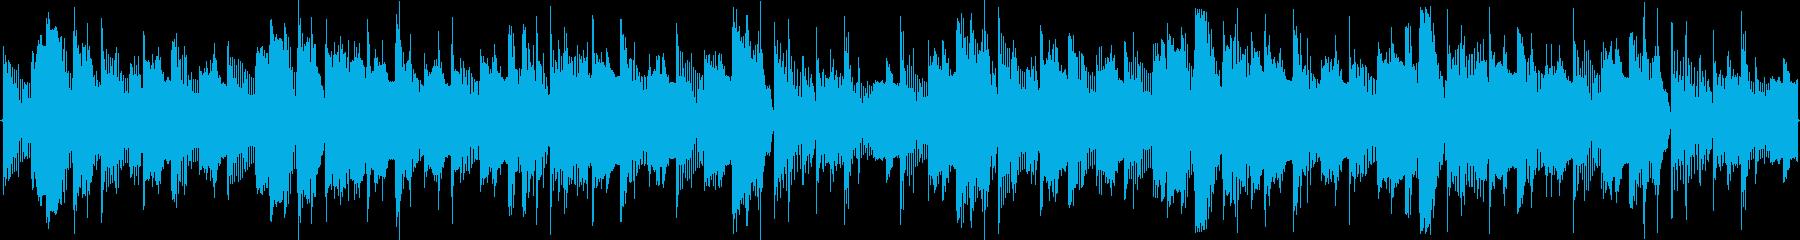 ごく短い、かわいくてポップなループBGMの再生済みの波形